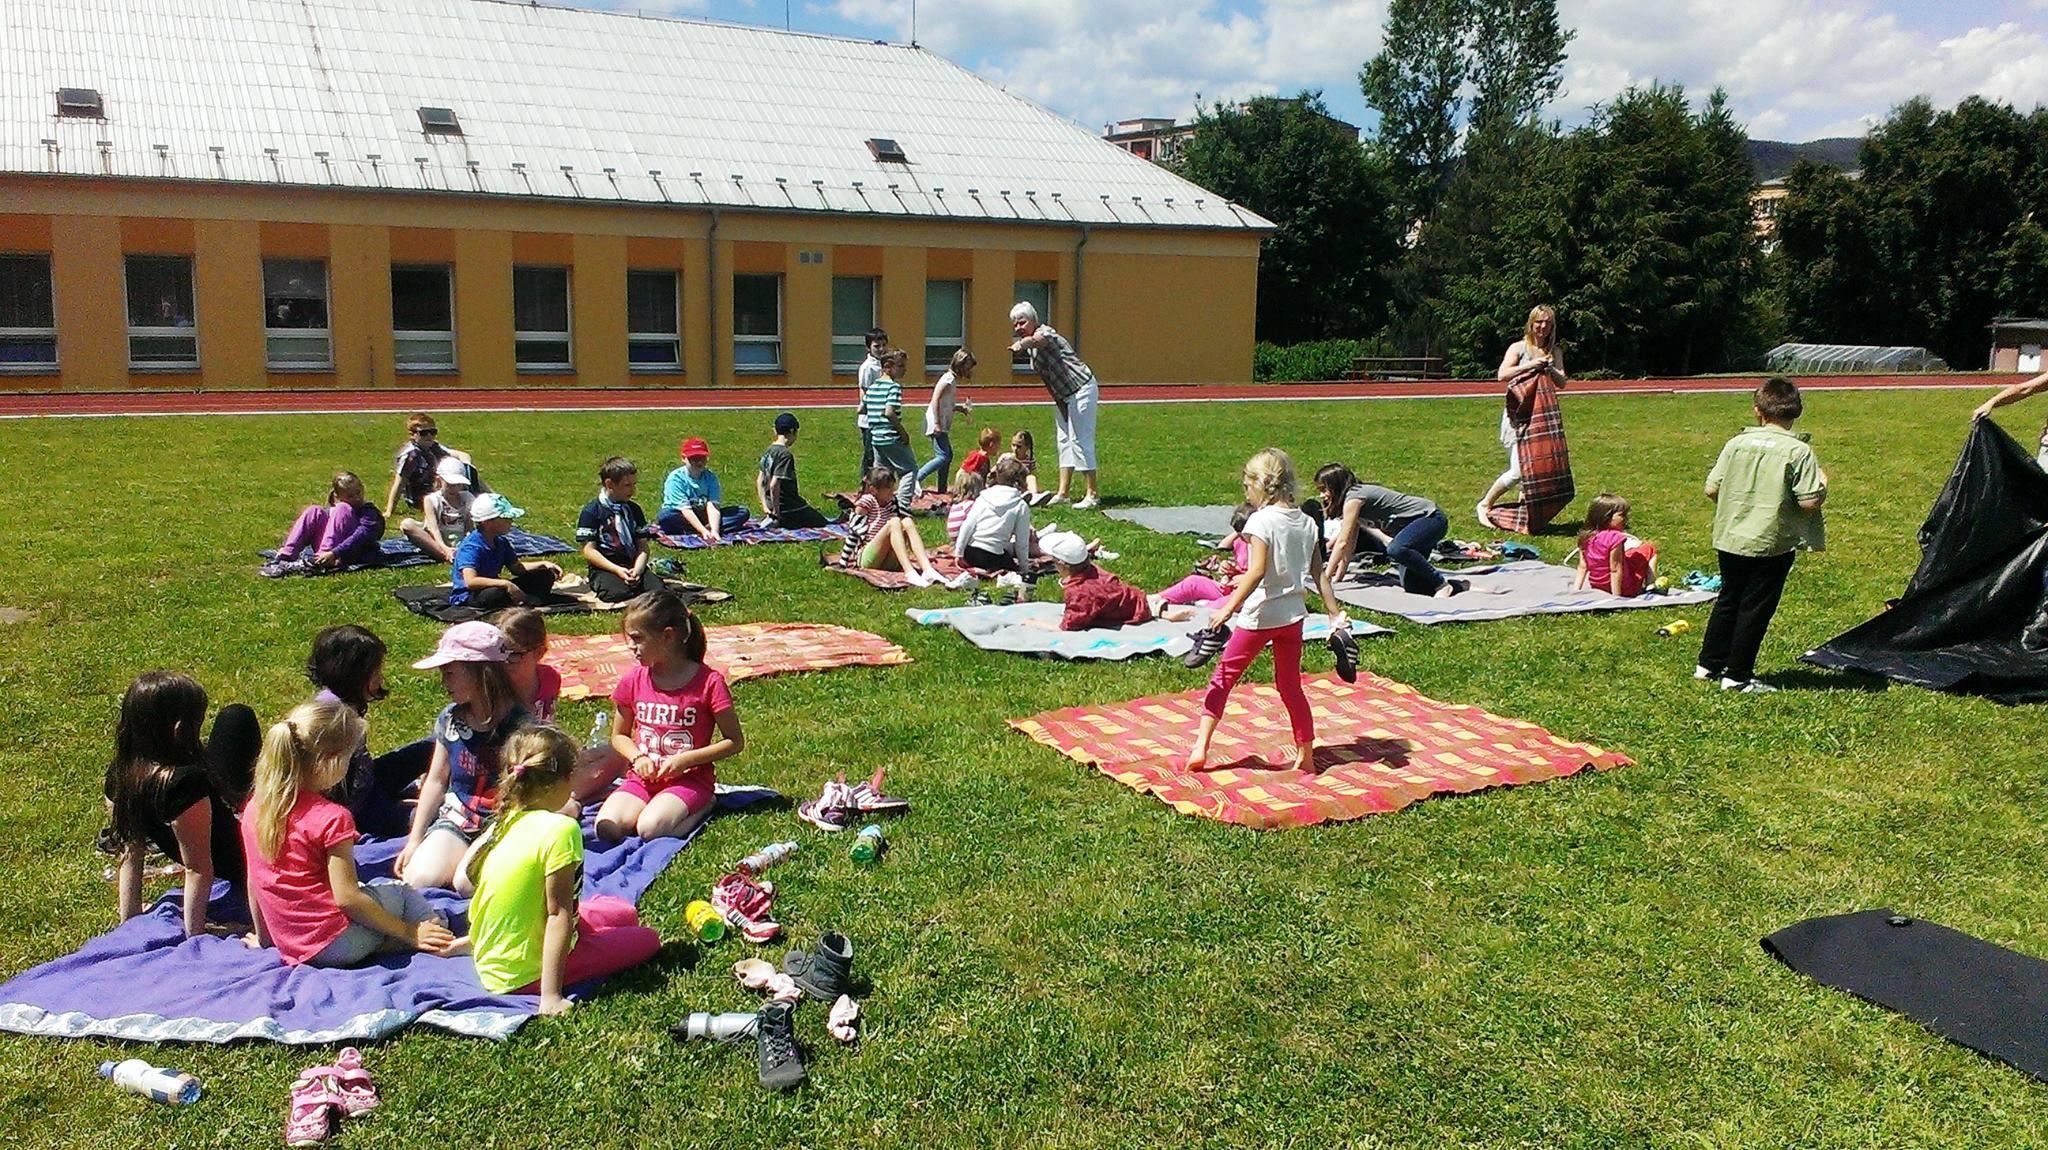 grassy picnic.jpg